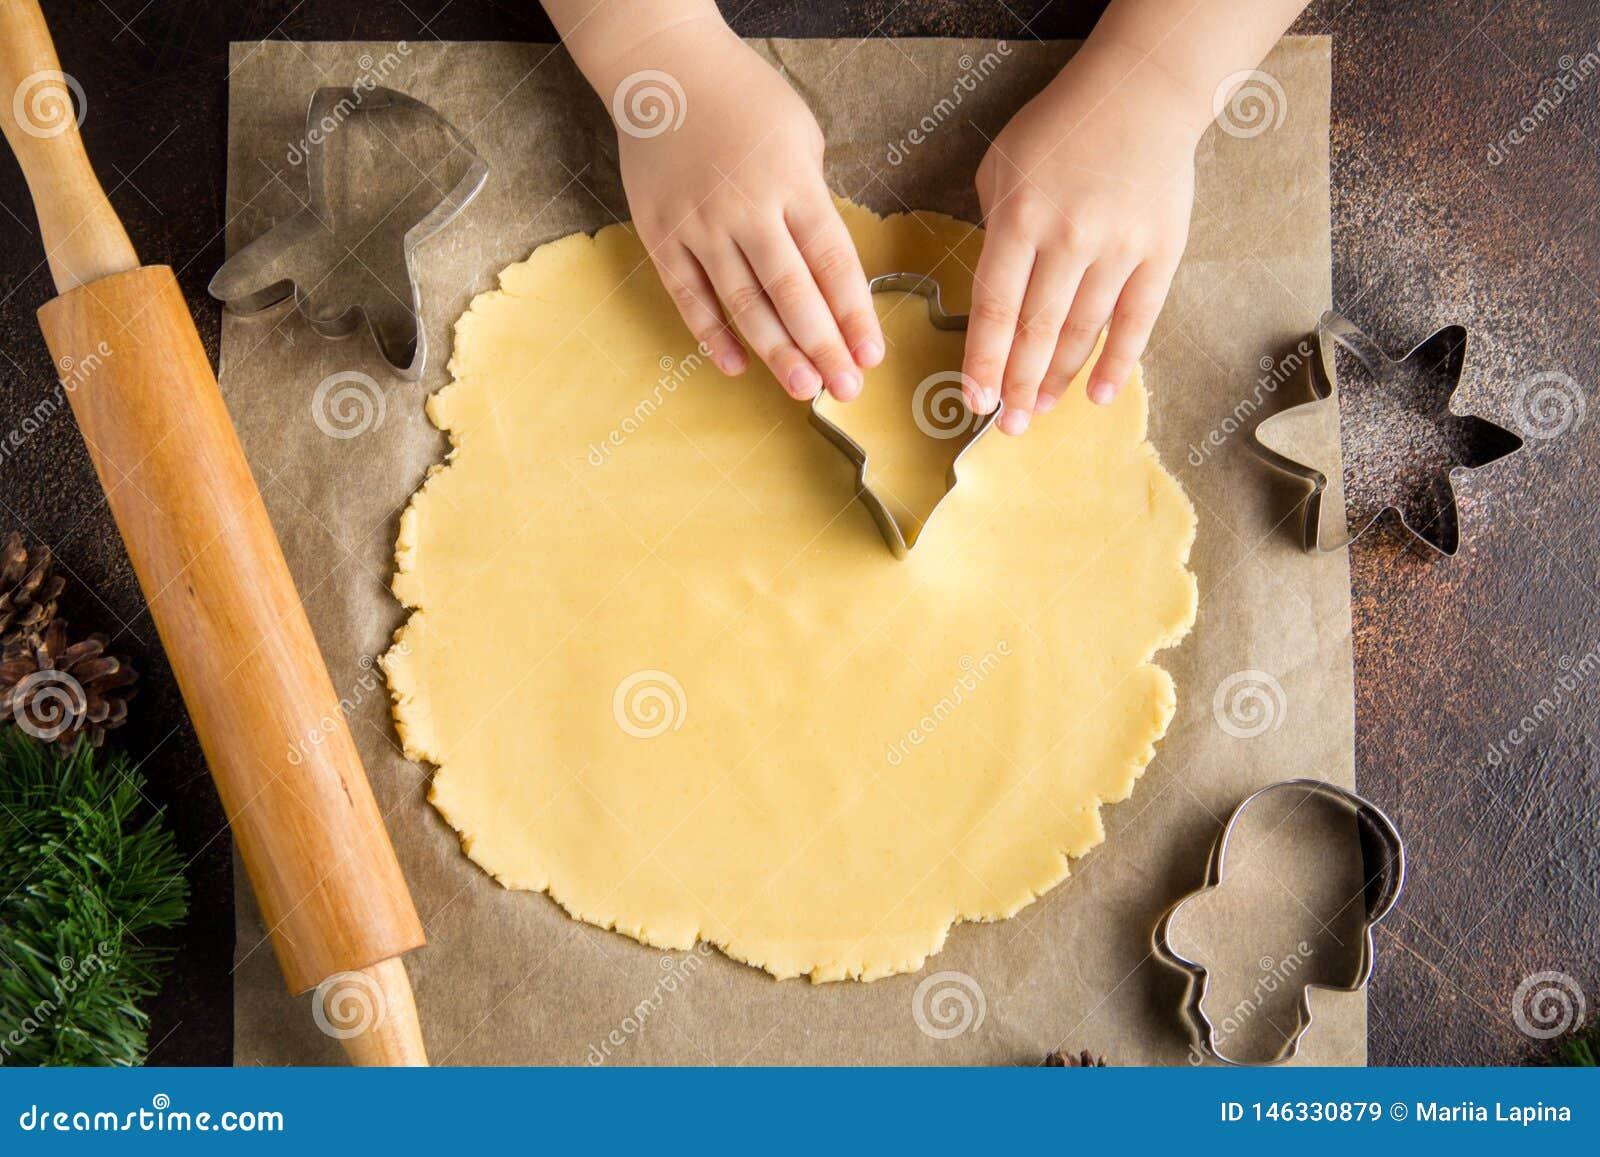 As crian?as que cozinham cookies do Natal, cortaram a massa com cortador da cookie, tradi??es da fam?lia, alimento doce delicioso